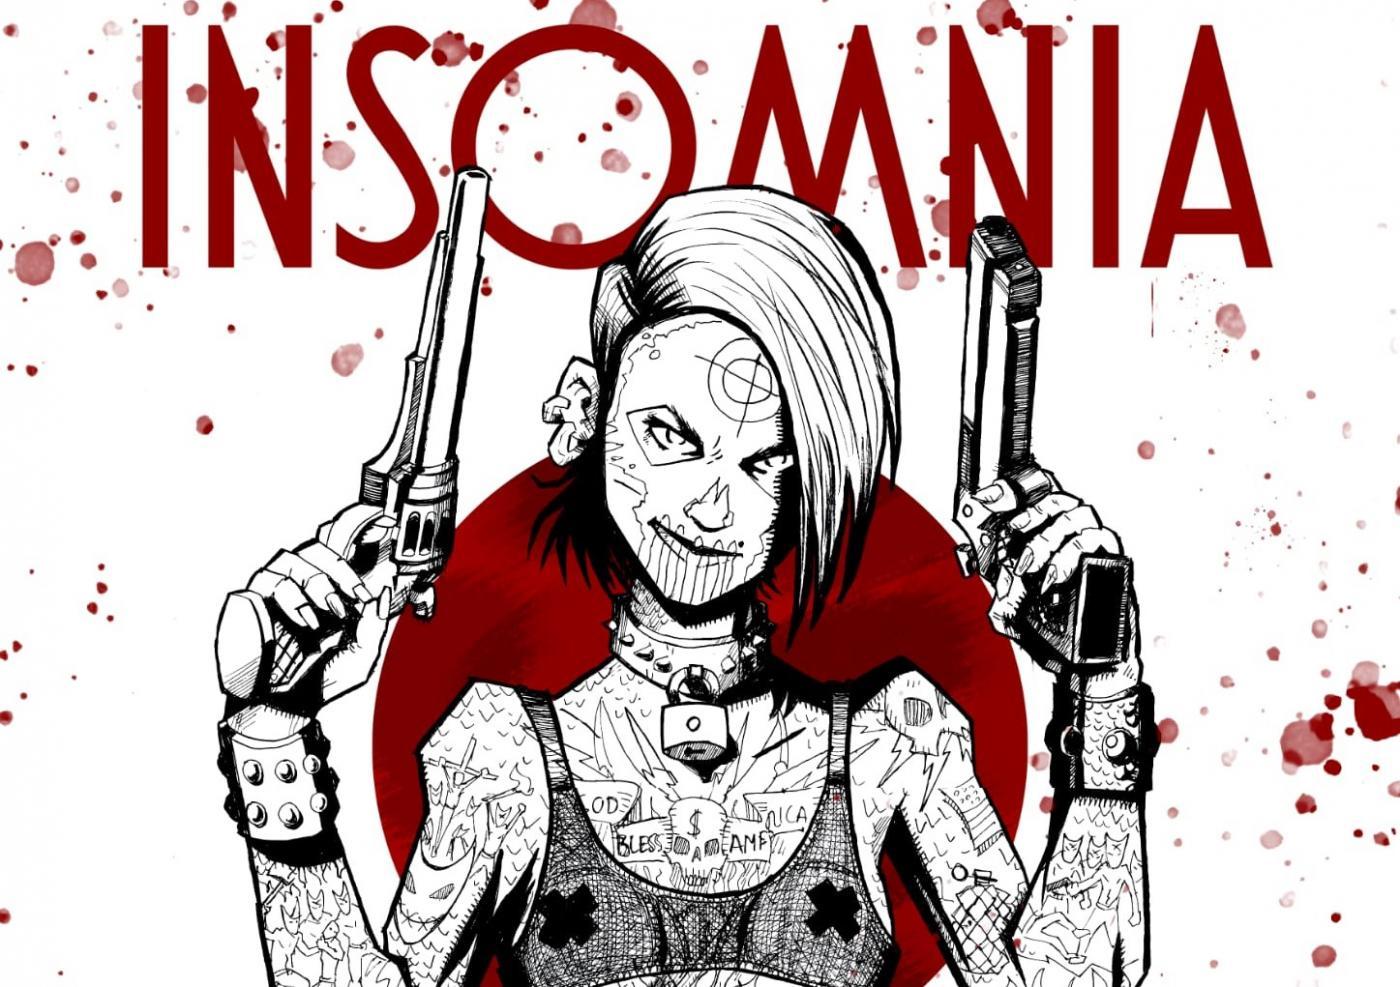 Insomnia participará en el día de Halloween en El Puerto